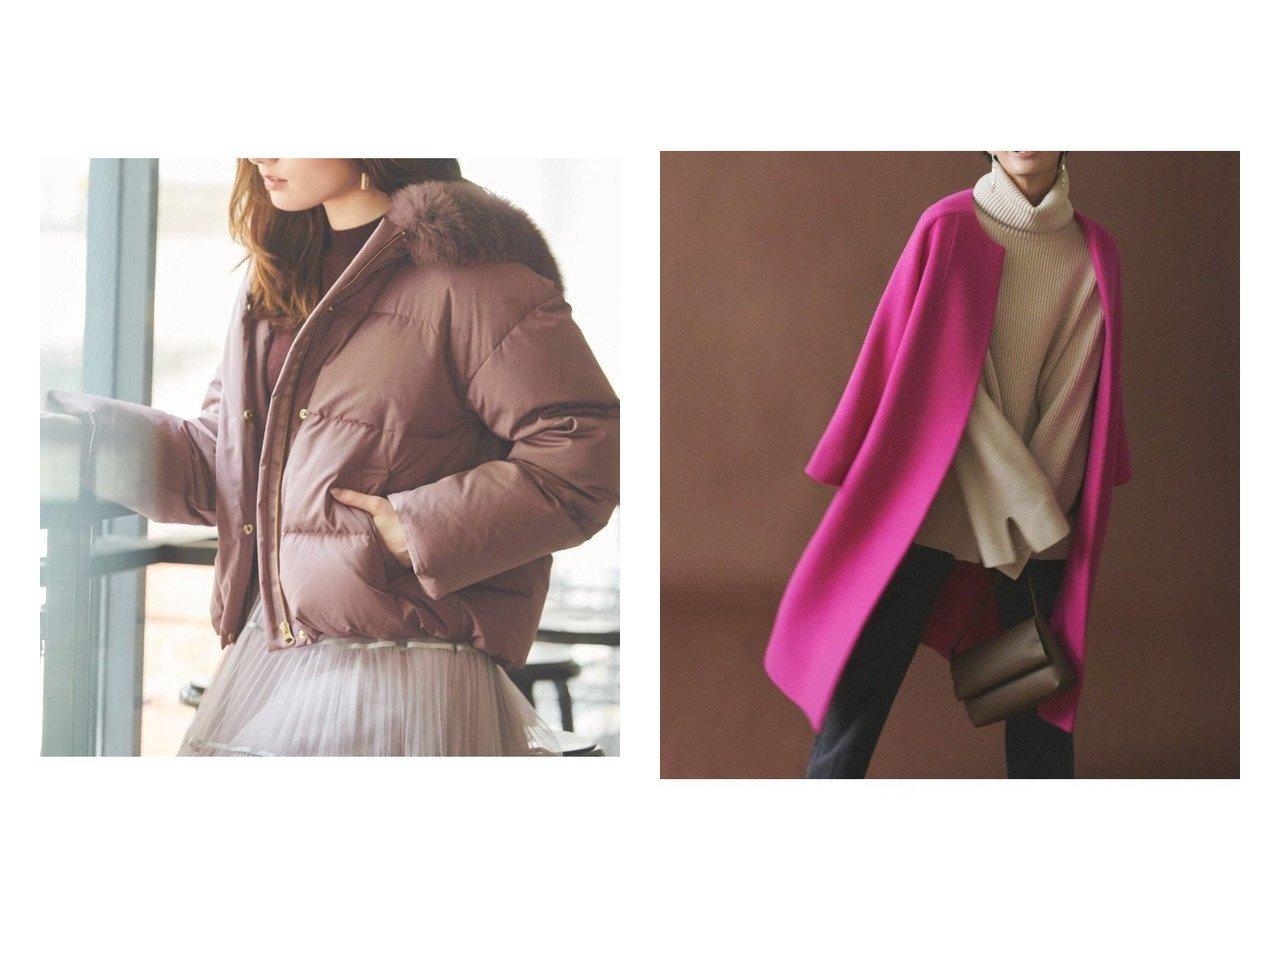 【Mila Owen/ミラオーウェン】のノーカラードルマンコート&【Noela/ノエラ】のショートダウンコート アウターのおすすめ!人気、レディースファッションの通販  おすすめで人気のファッション通販商品 インテリア・家具・キッズファッション・メンズファッション・レディースファッション・服の通販 founy(ファニー) https://founy.com/ ファッション Fashion レディース WOMEN アウター Coat Outerwear コート Coats ジャケット Jackets ダウン Down Coats And Jackets ノーカラージャケット No Collar Leather Jackets ショート ジャケット ダウン フォックス 防寒 イタリア ドレープ |ID:crp329100000002403